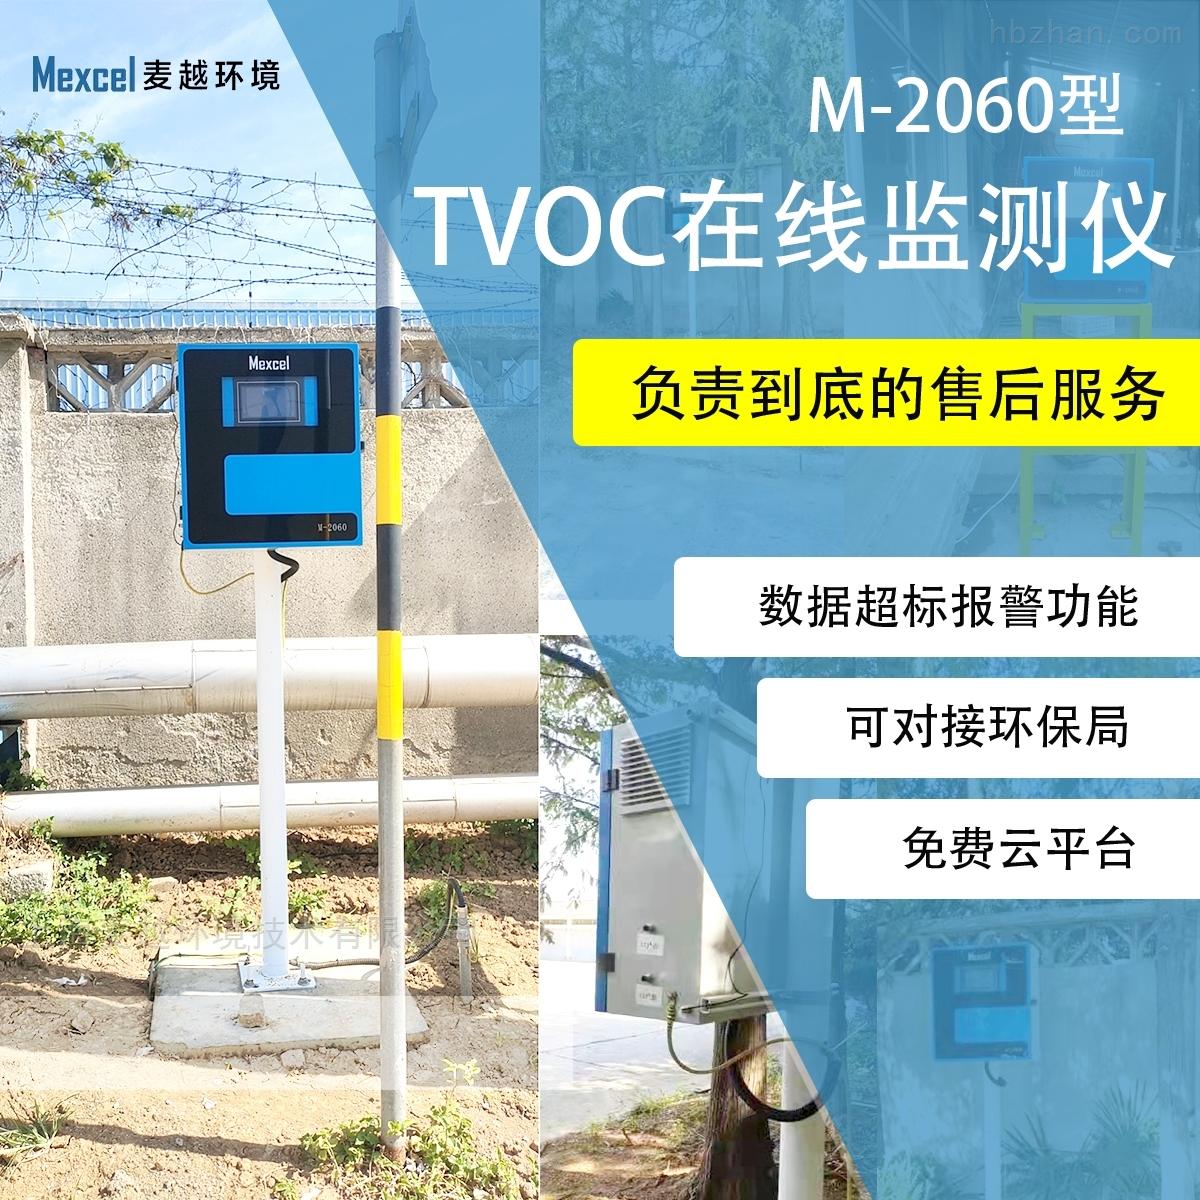 voc在线监测设备PID原理